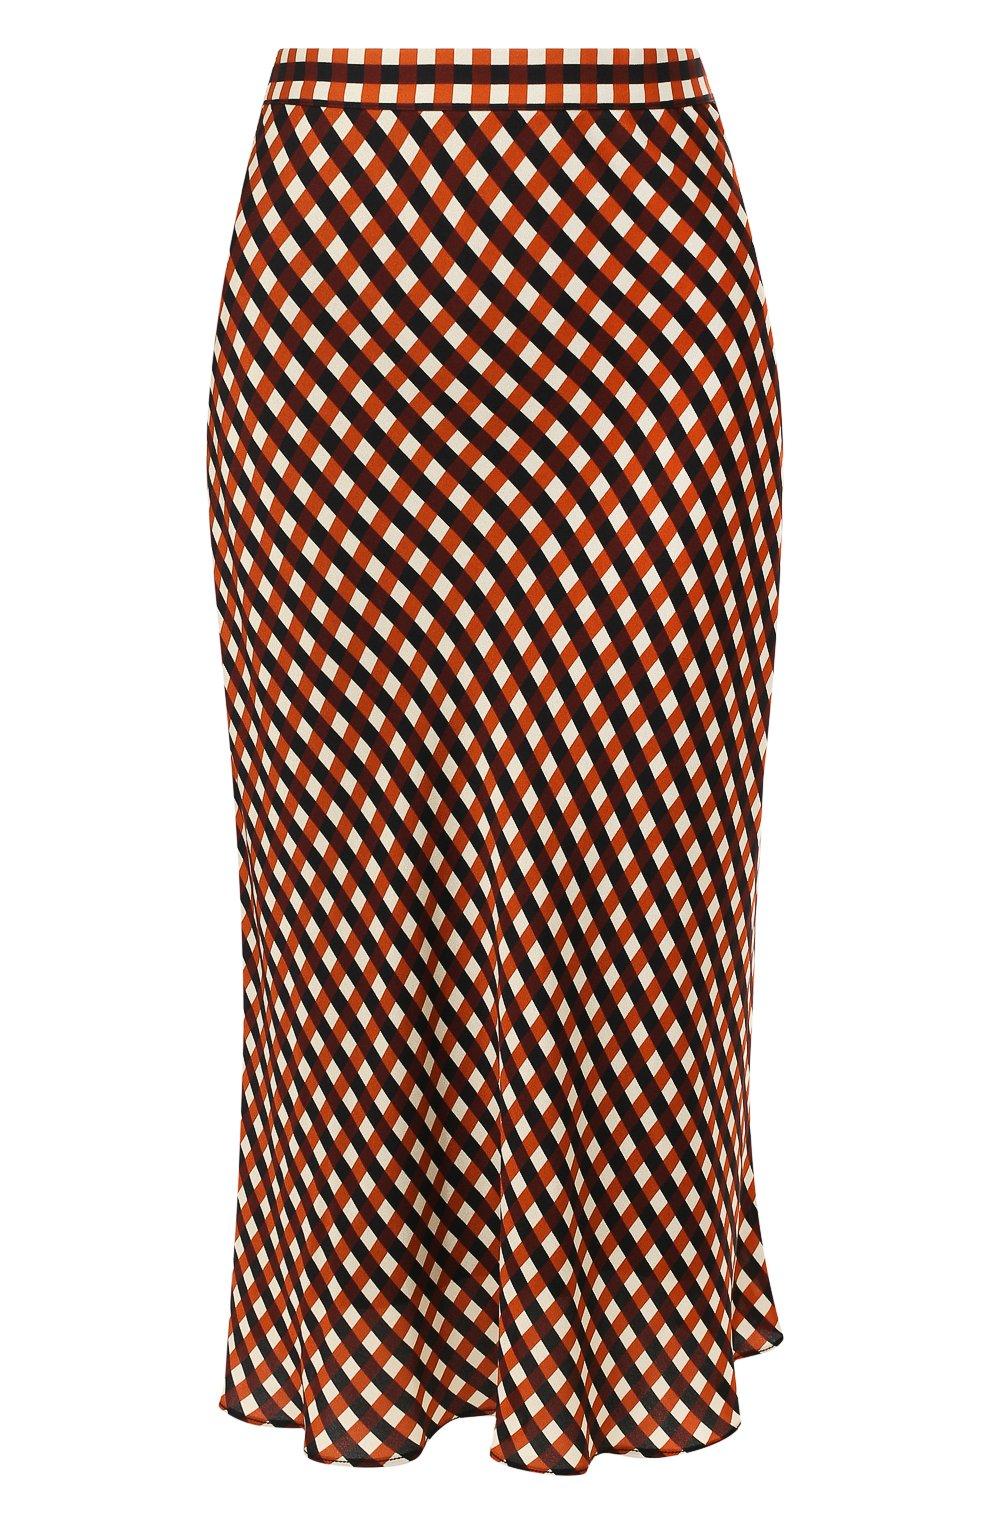 Женская юбка из вискозы PROENZA SCHOULER WHITE LABEL разноцветного цвета, арт. WL2015068-BY151 | Фото 1 (Длина Ж (юбки, платья, шорты): Миди; Материал подклада: Синтетический материал)